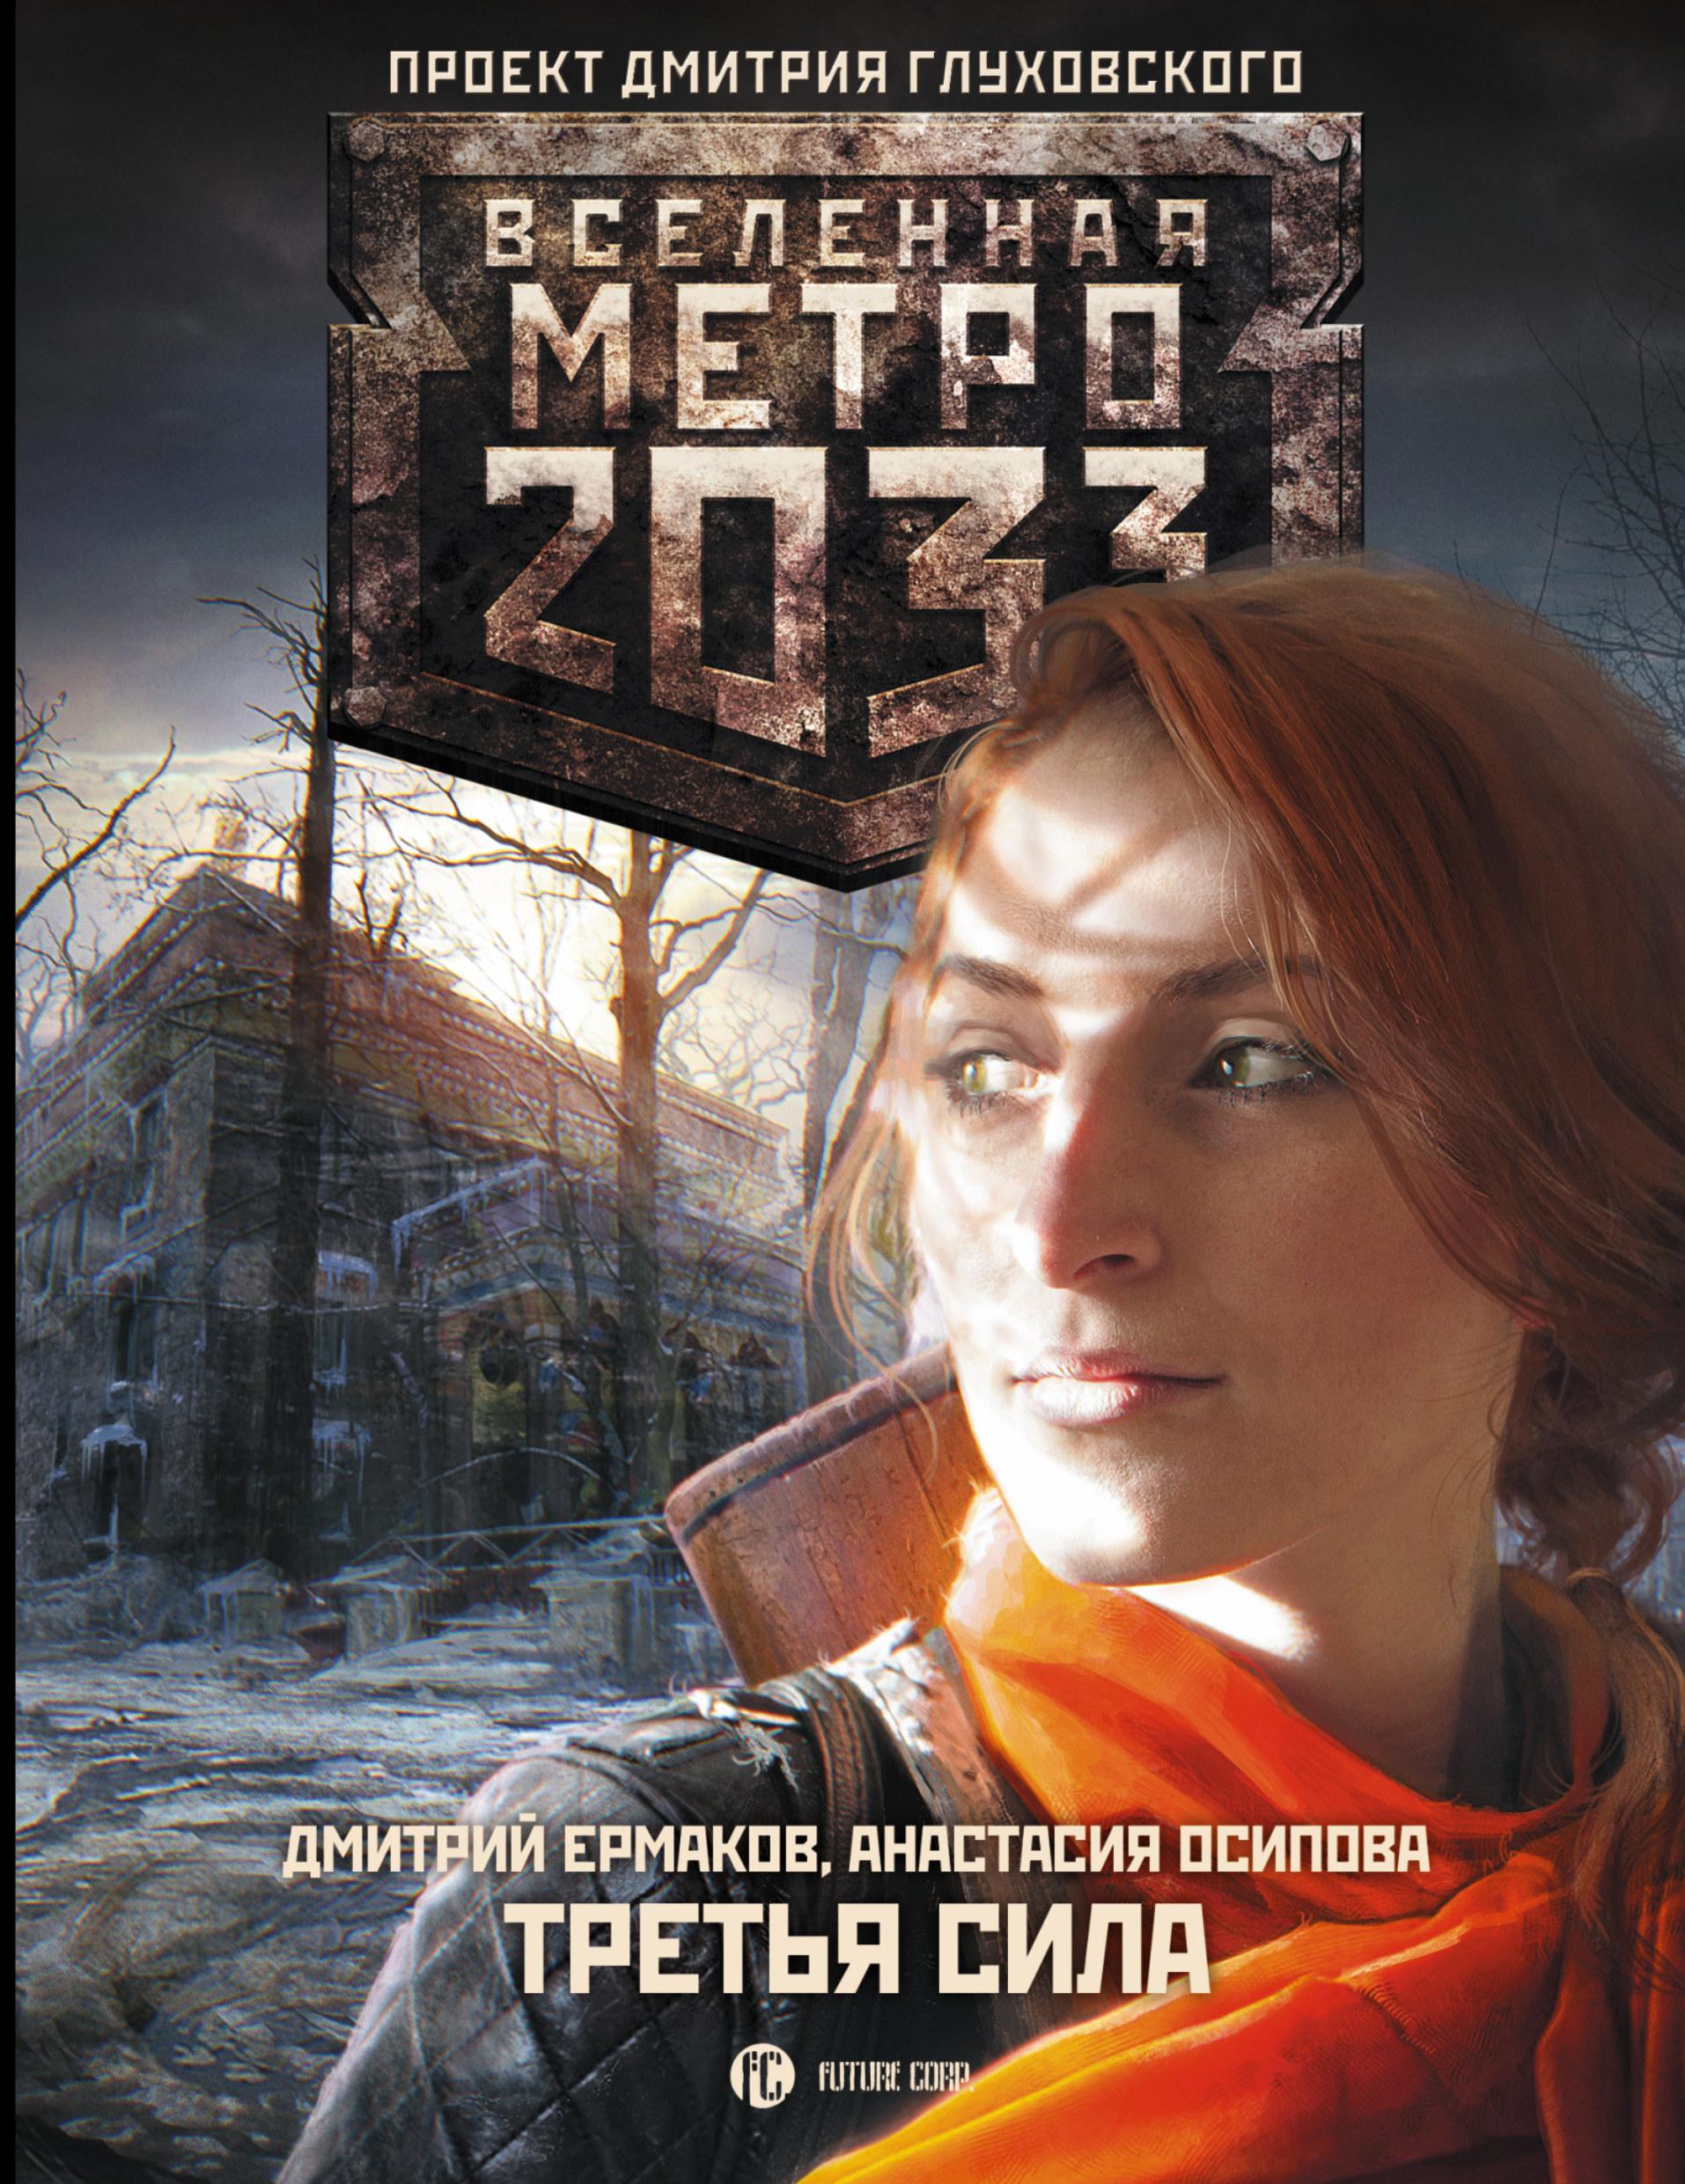 Dmitrij_Ermakov_Anastasiya_Osipova__Metr